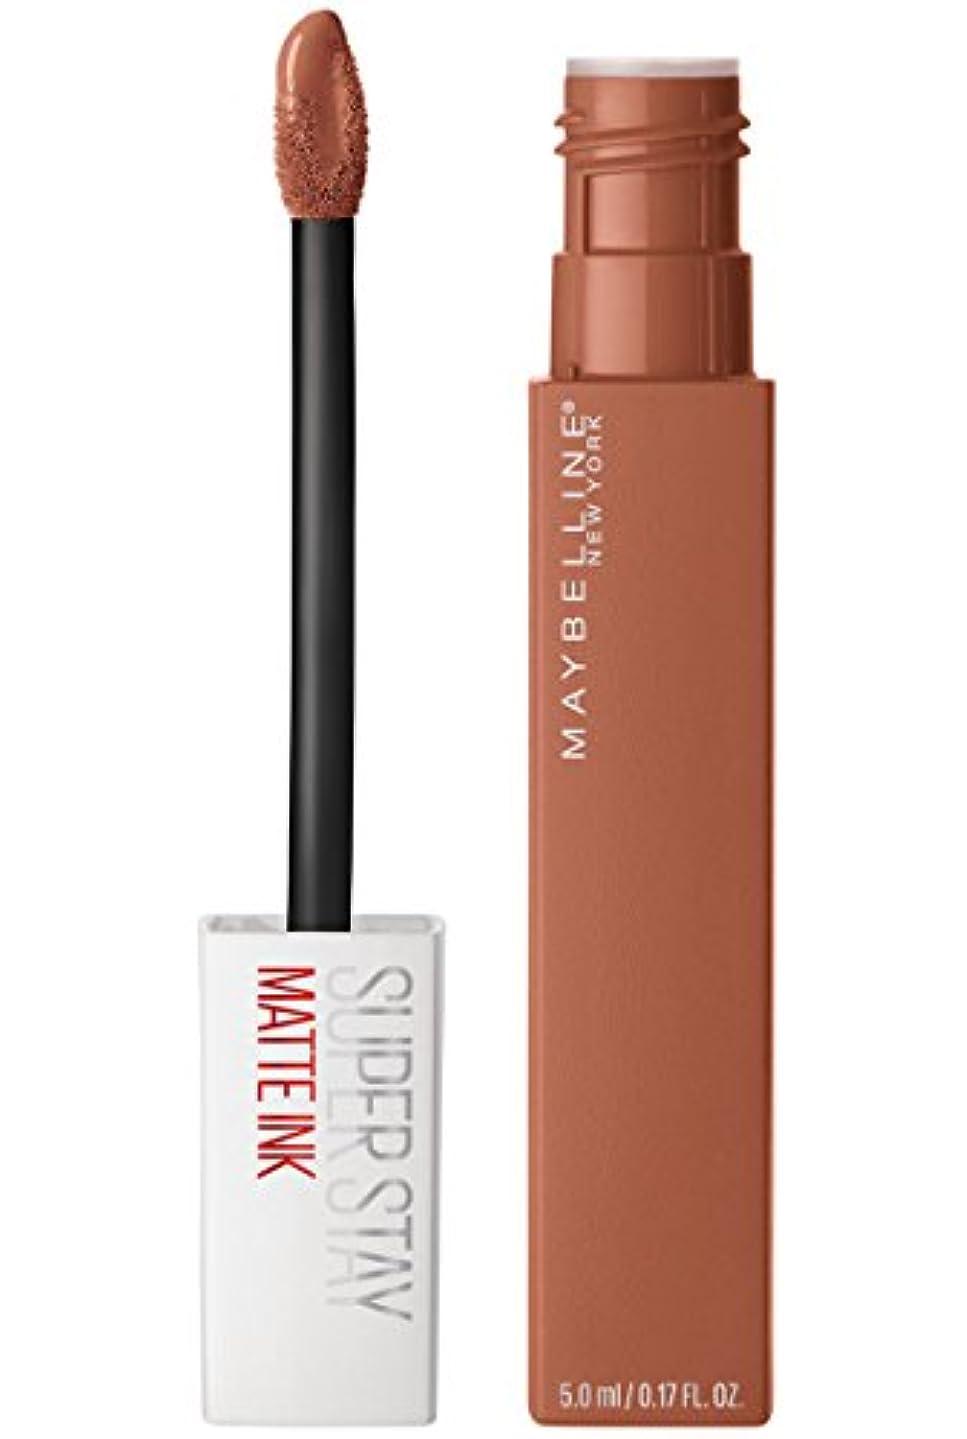 パートナーマンモス内訳Maybelline New York Super Stay Matte Ink Liquid Lipstick,75 Fighter, 5ml